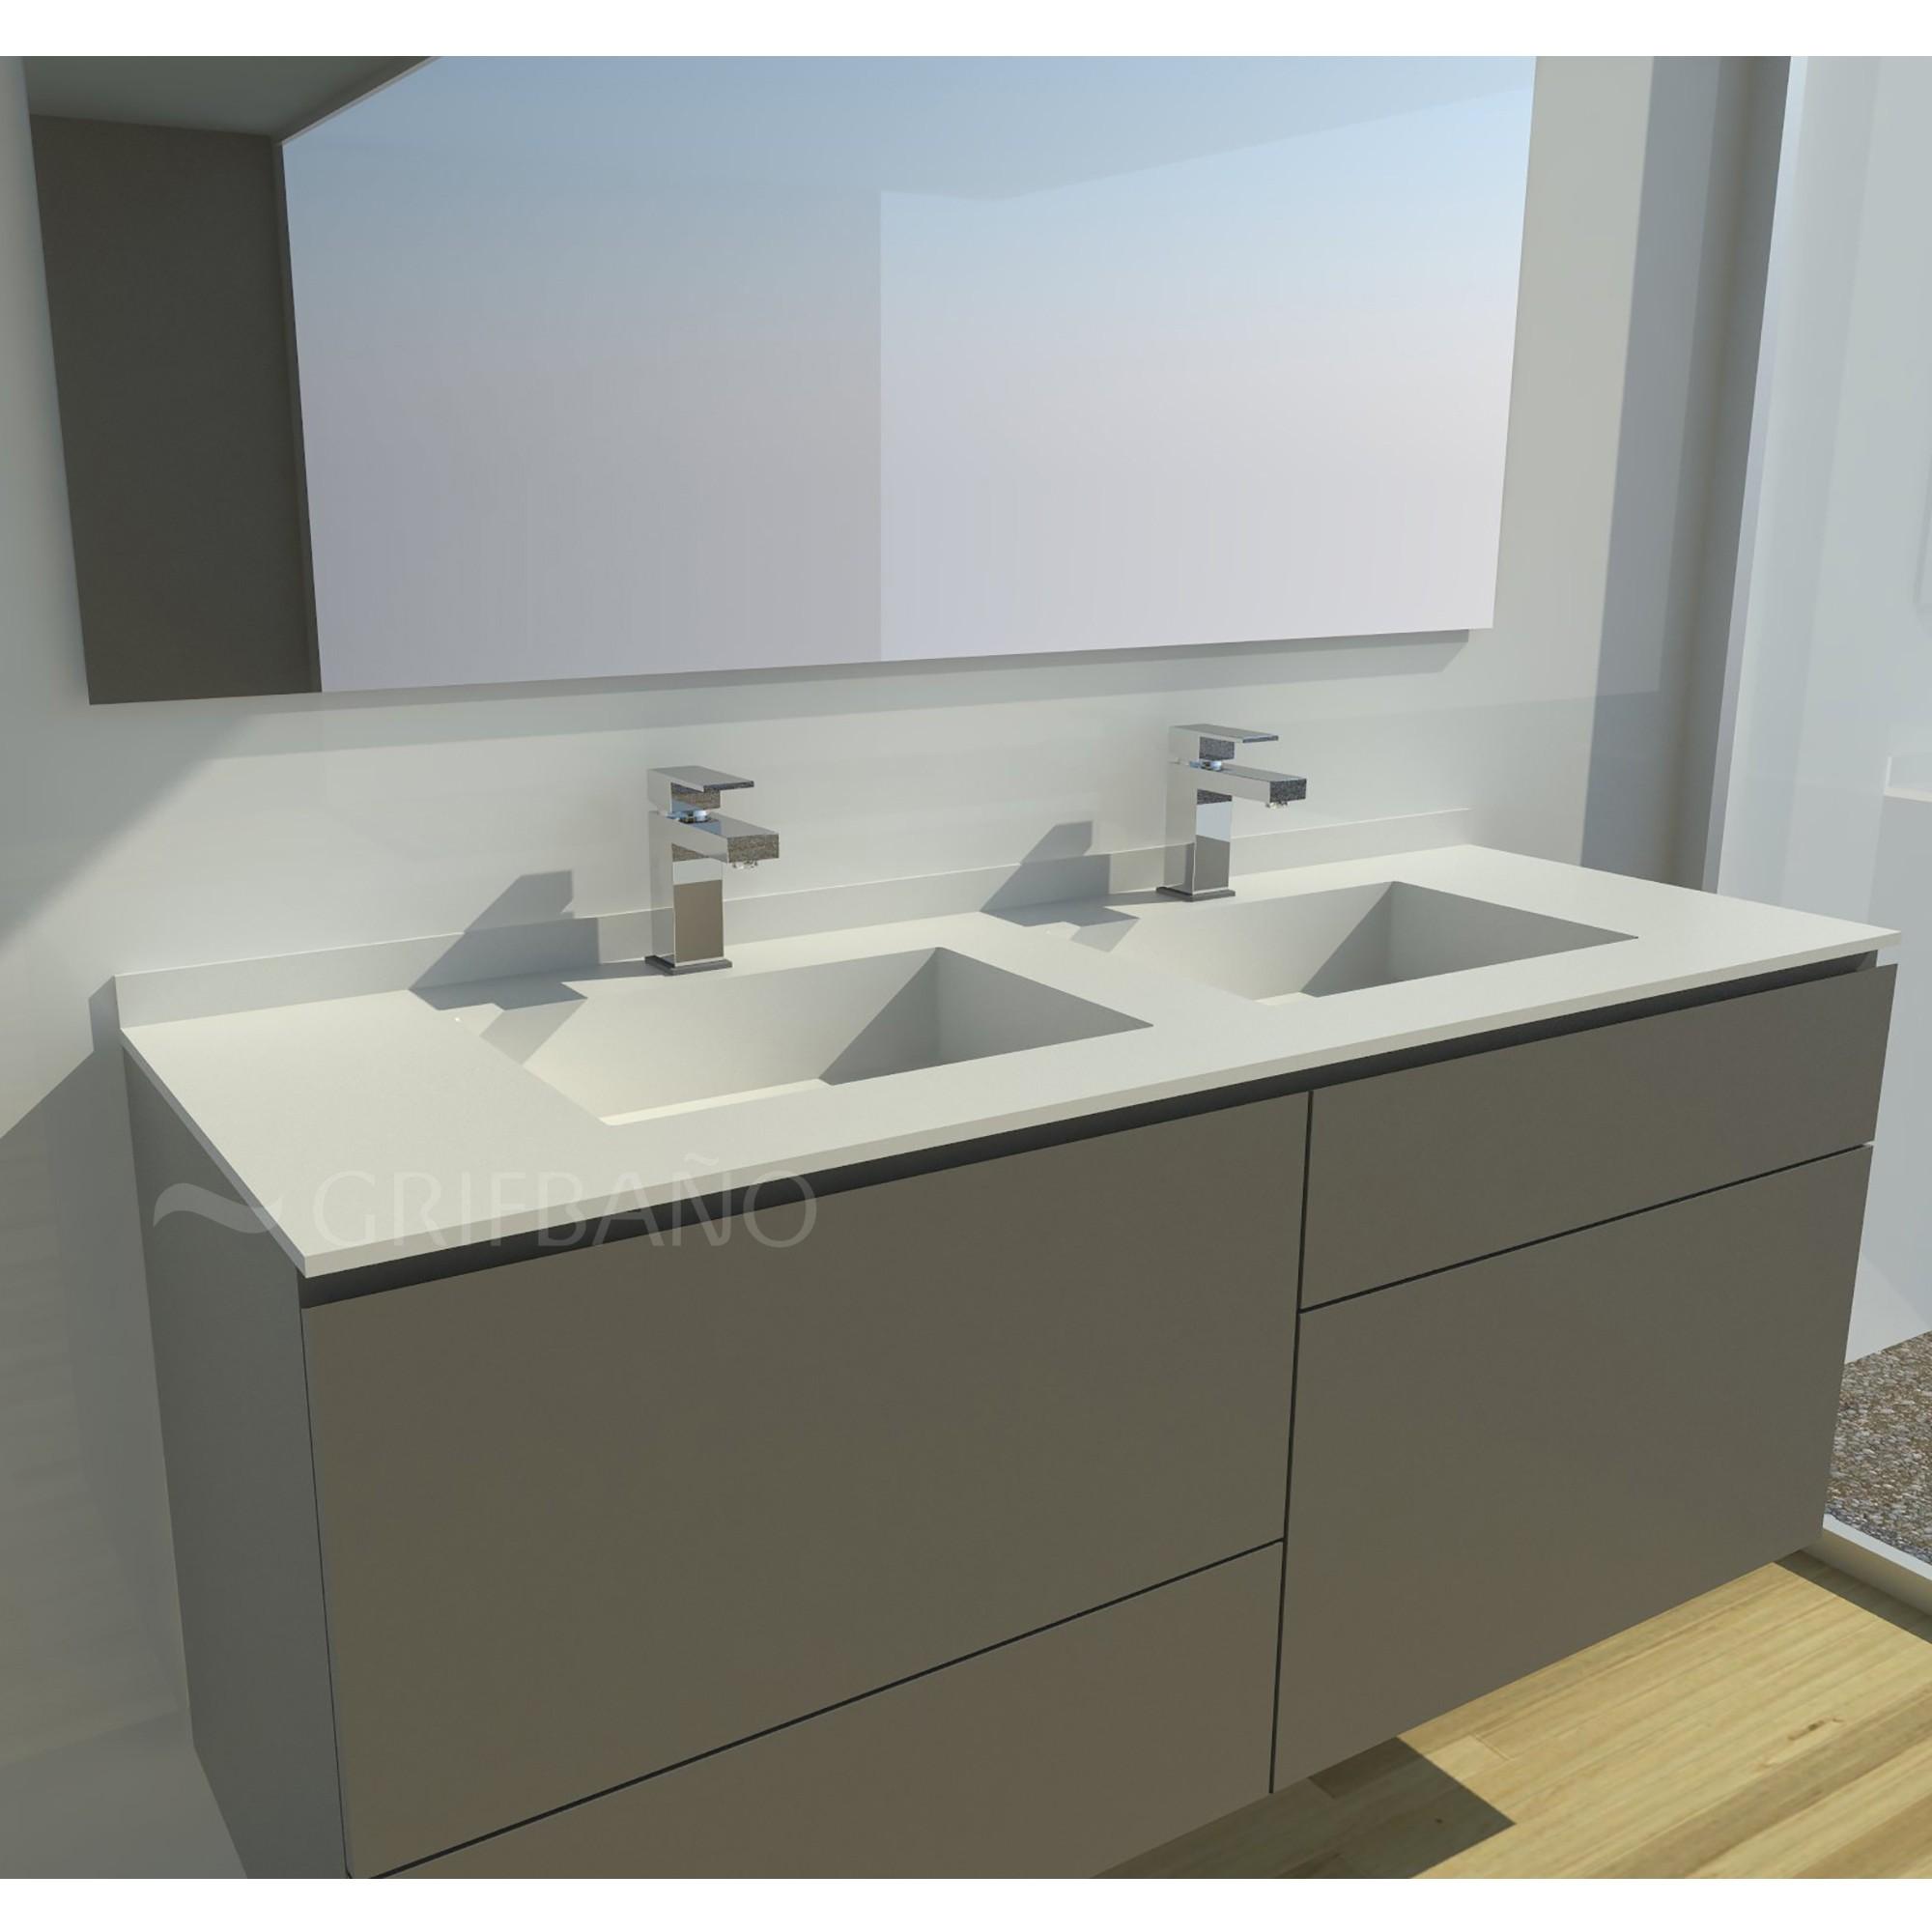 Encimeras de resina lavabo sobre encimera redondo de for Lavabo cocina